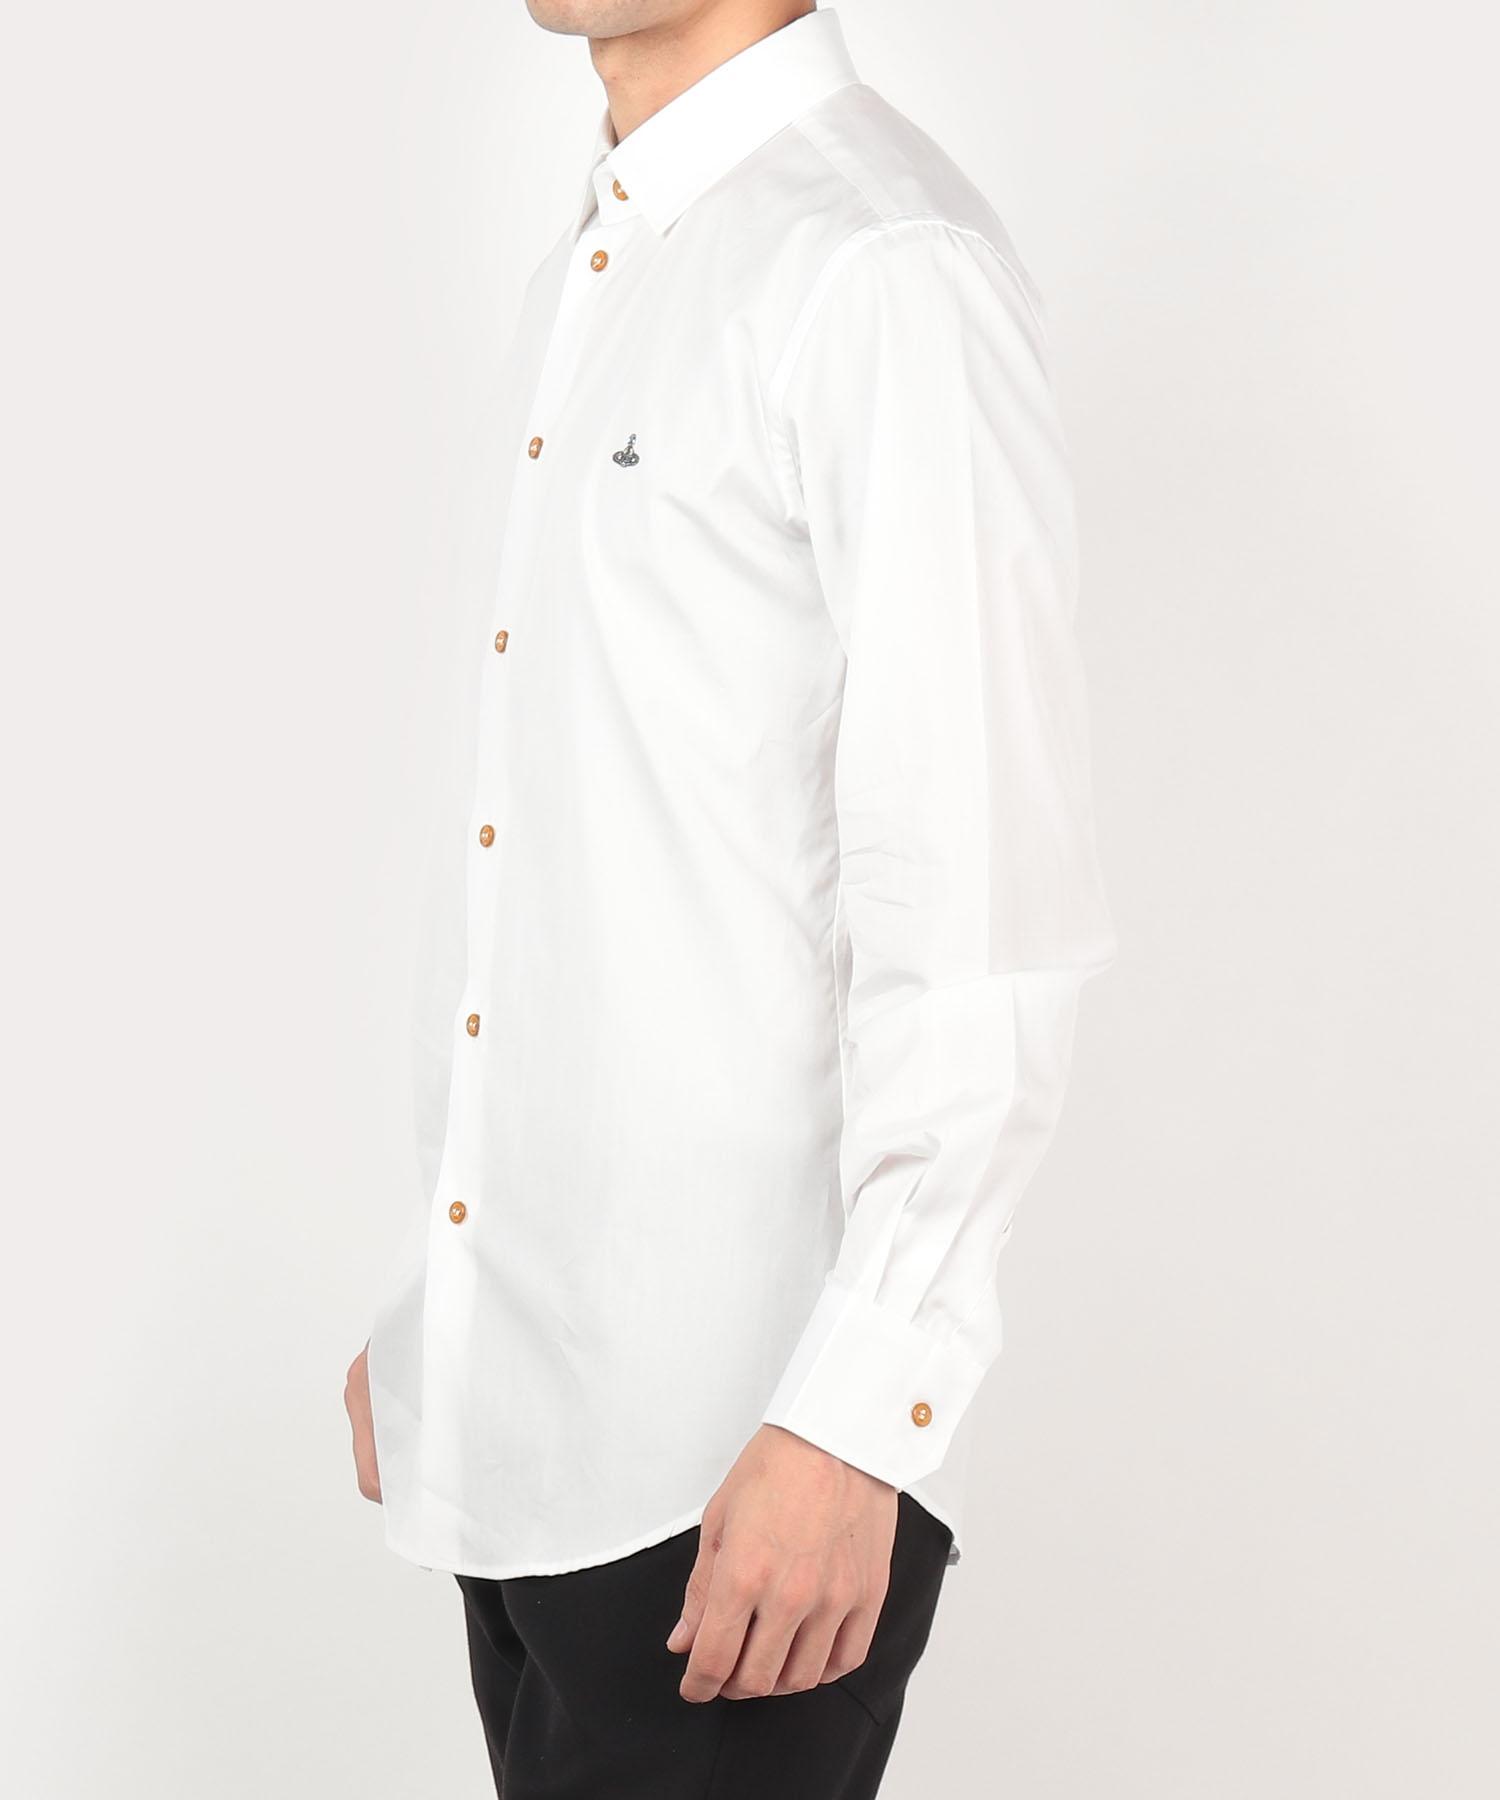 クラシック ポプリンシャツ